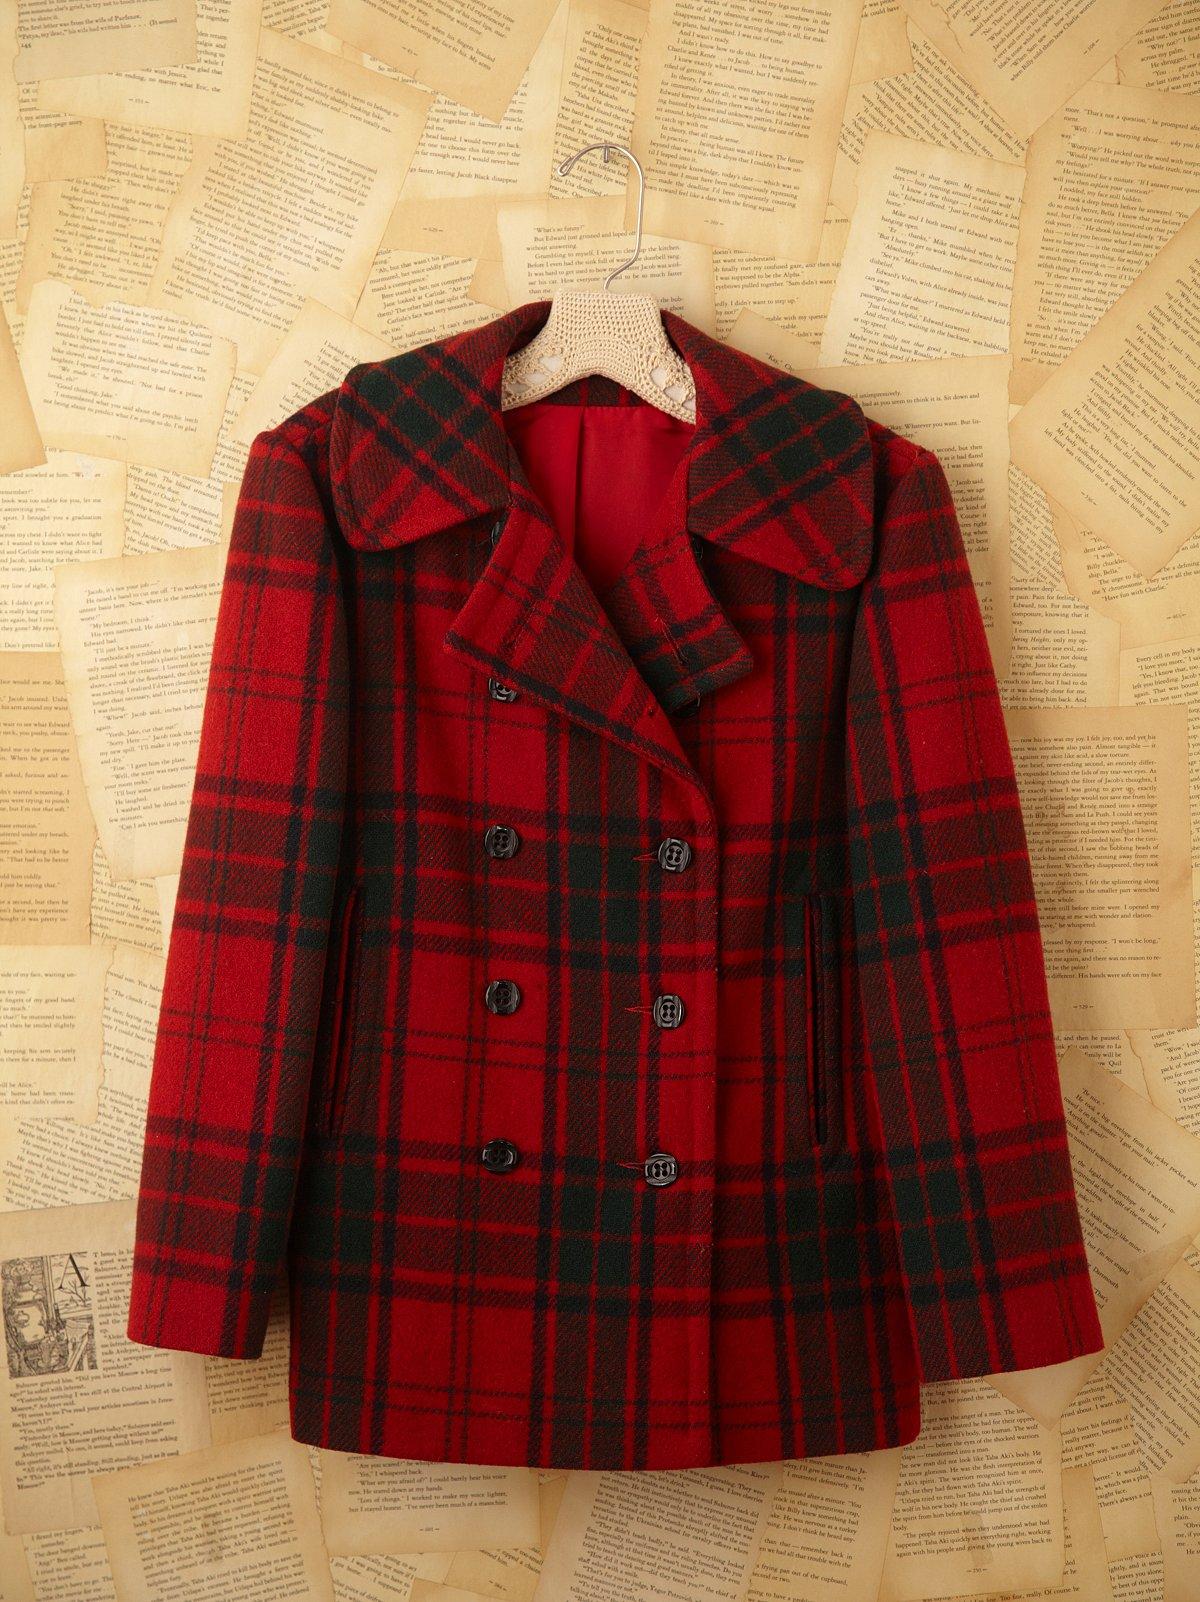 Vintage Plaid Pea Coat